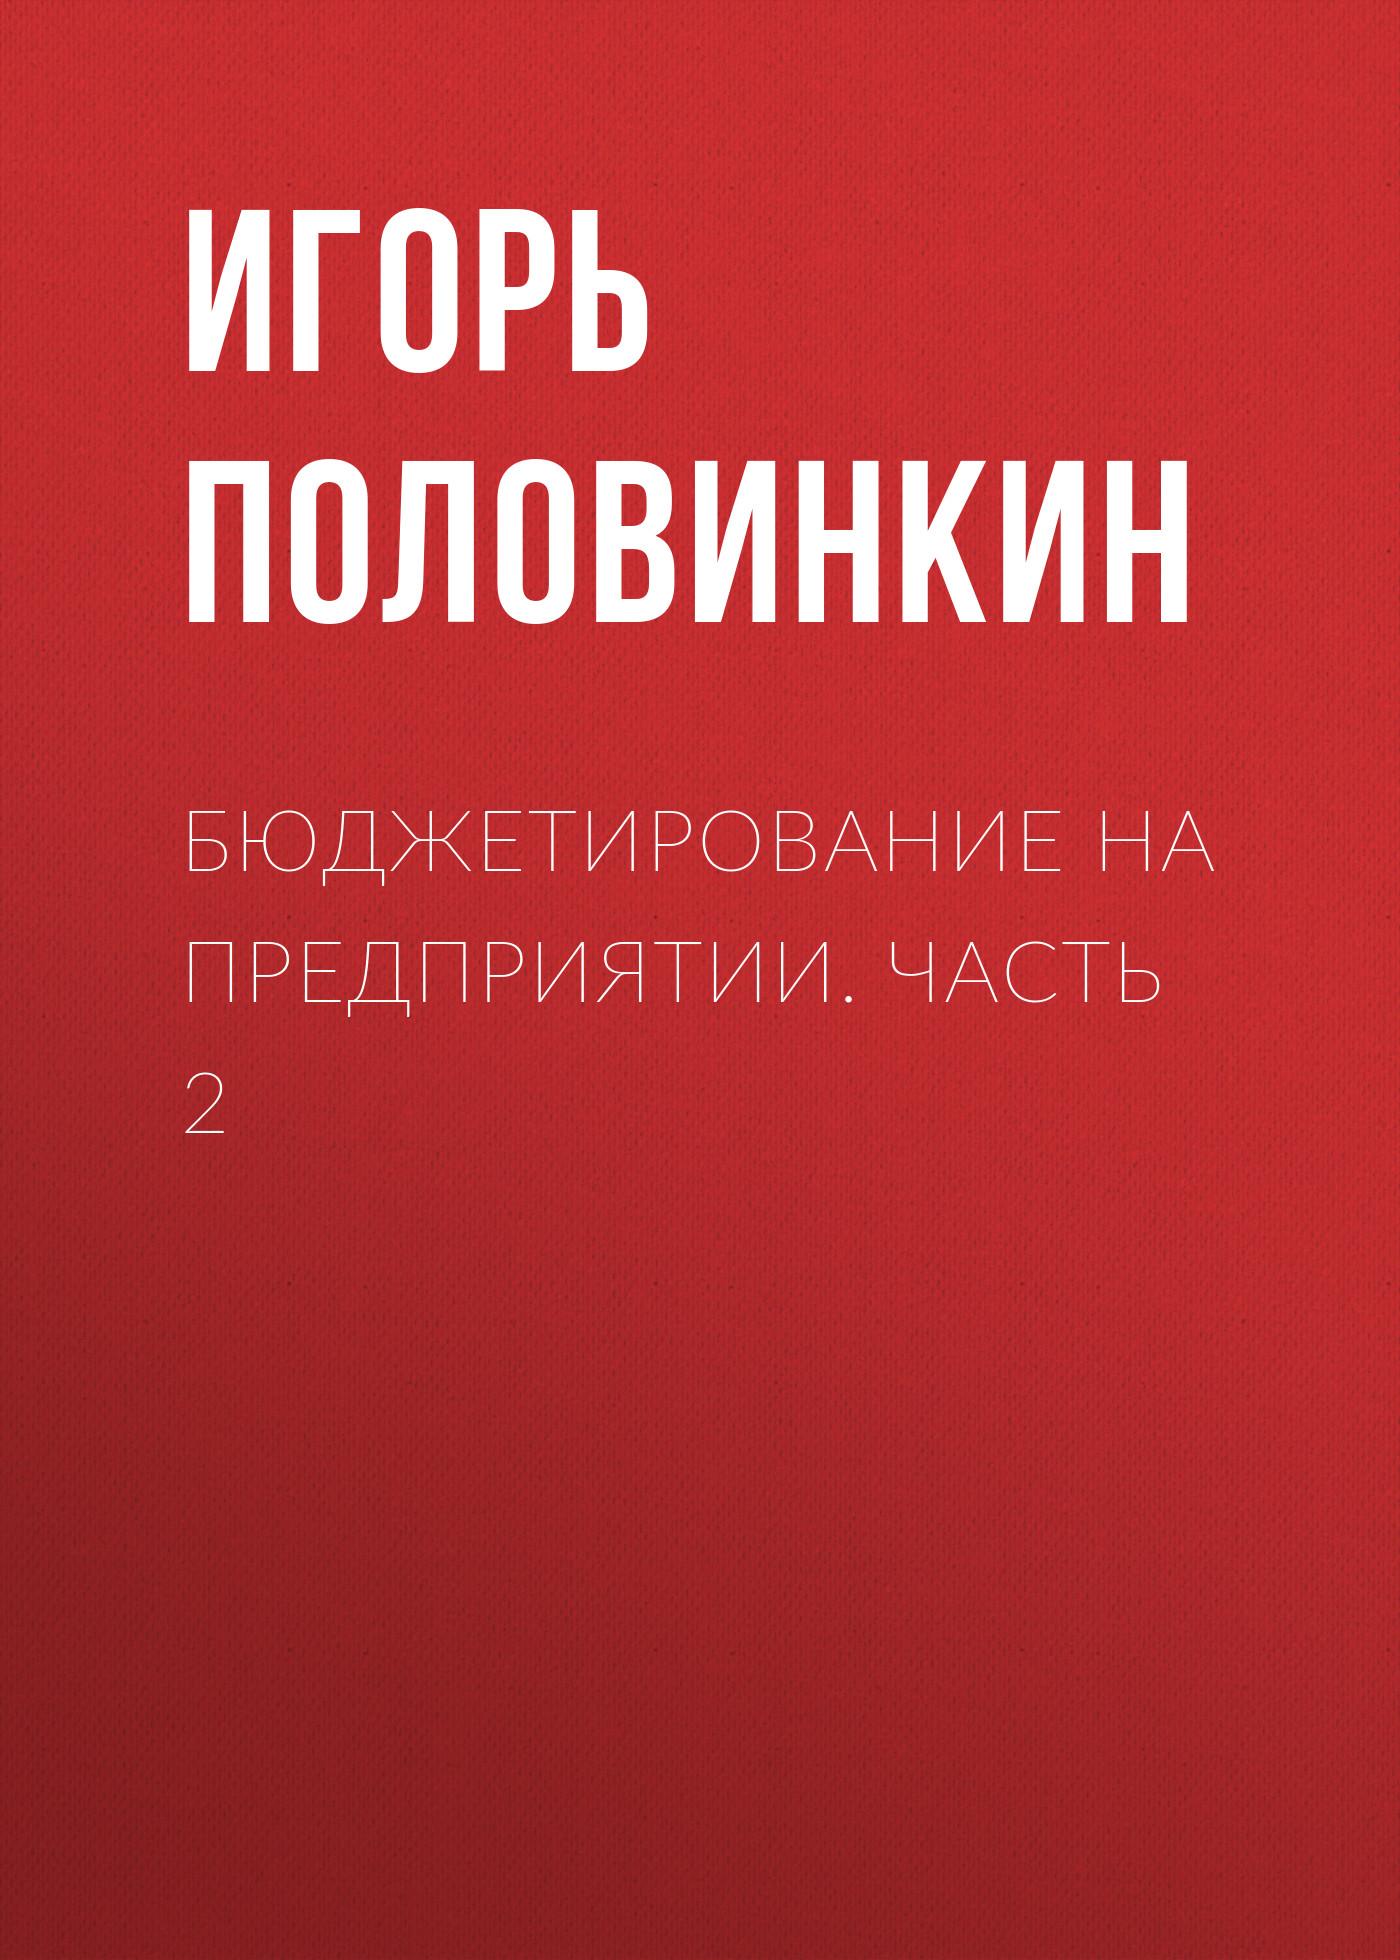 Игорь Половинкин Бюджетирование на предприятии. Часть 2 тарифный план